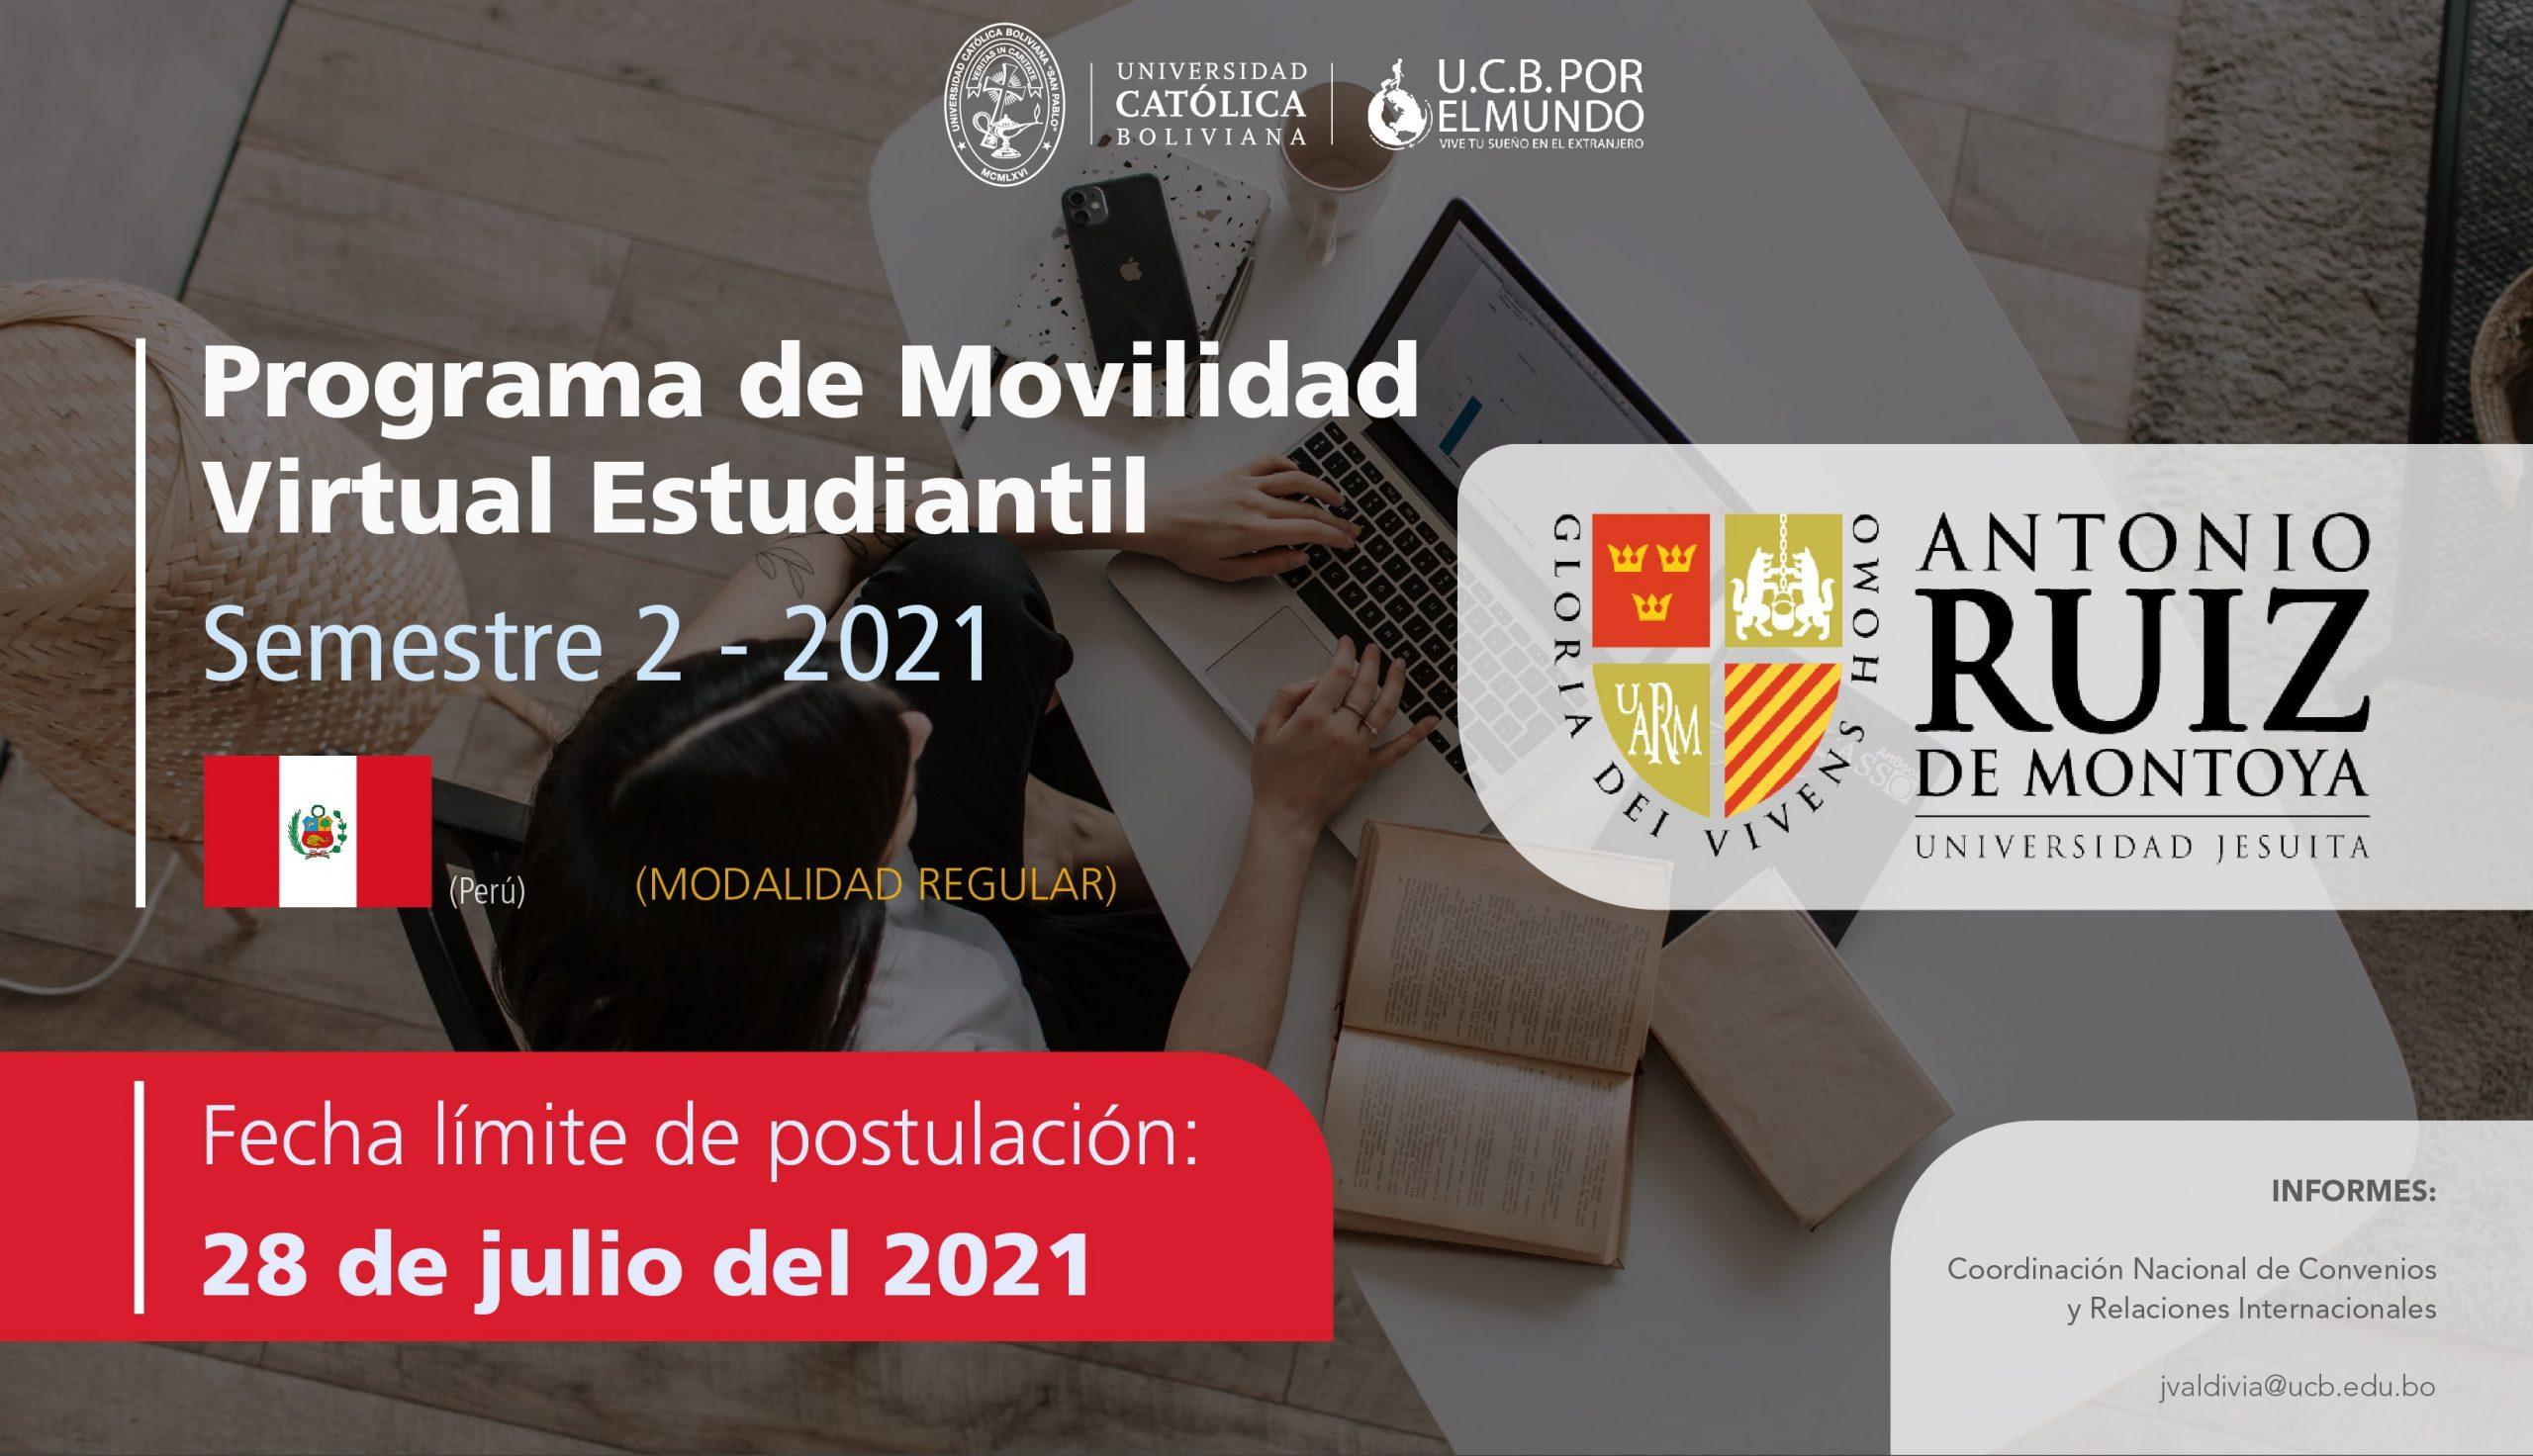 La Universidad Antonio Ruiz de Montoya de Perú es parte del Programa de Movilidad Virtual Estudiantil UCB por el Mundo.